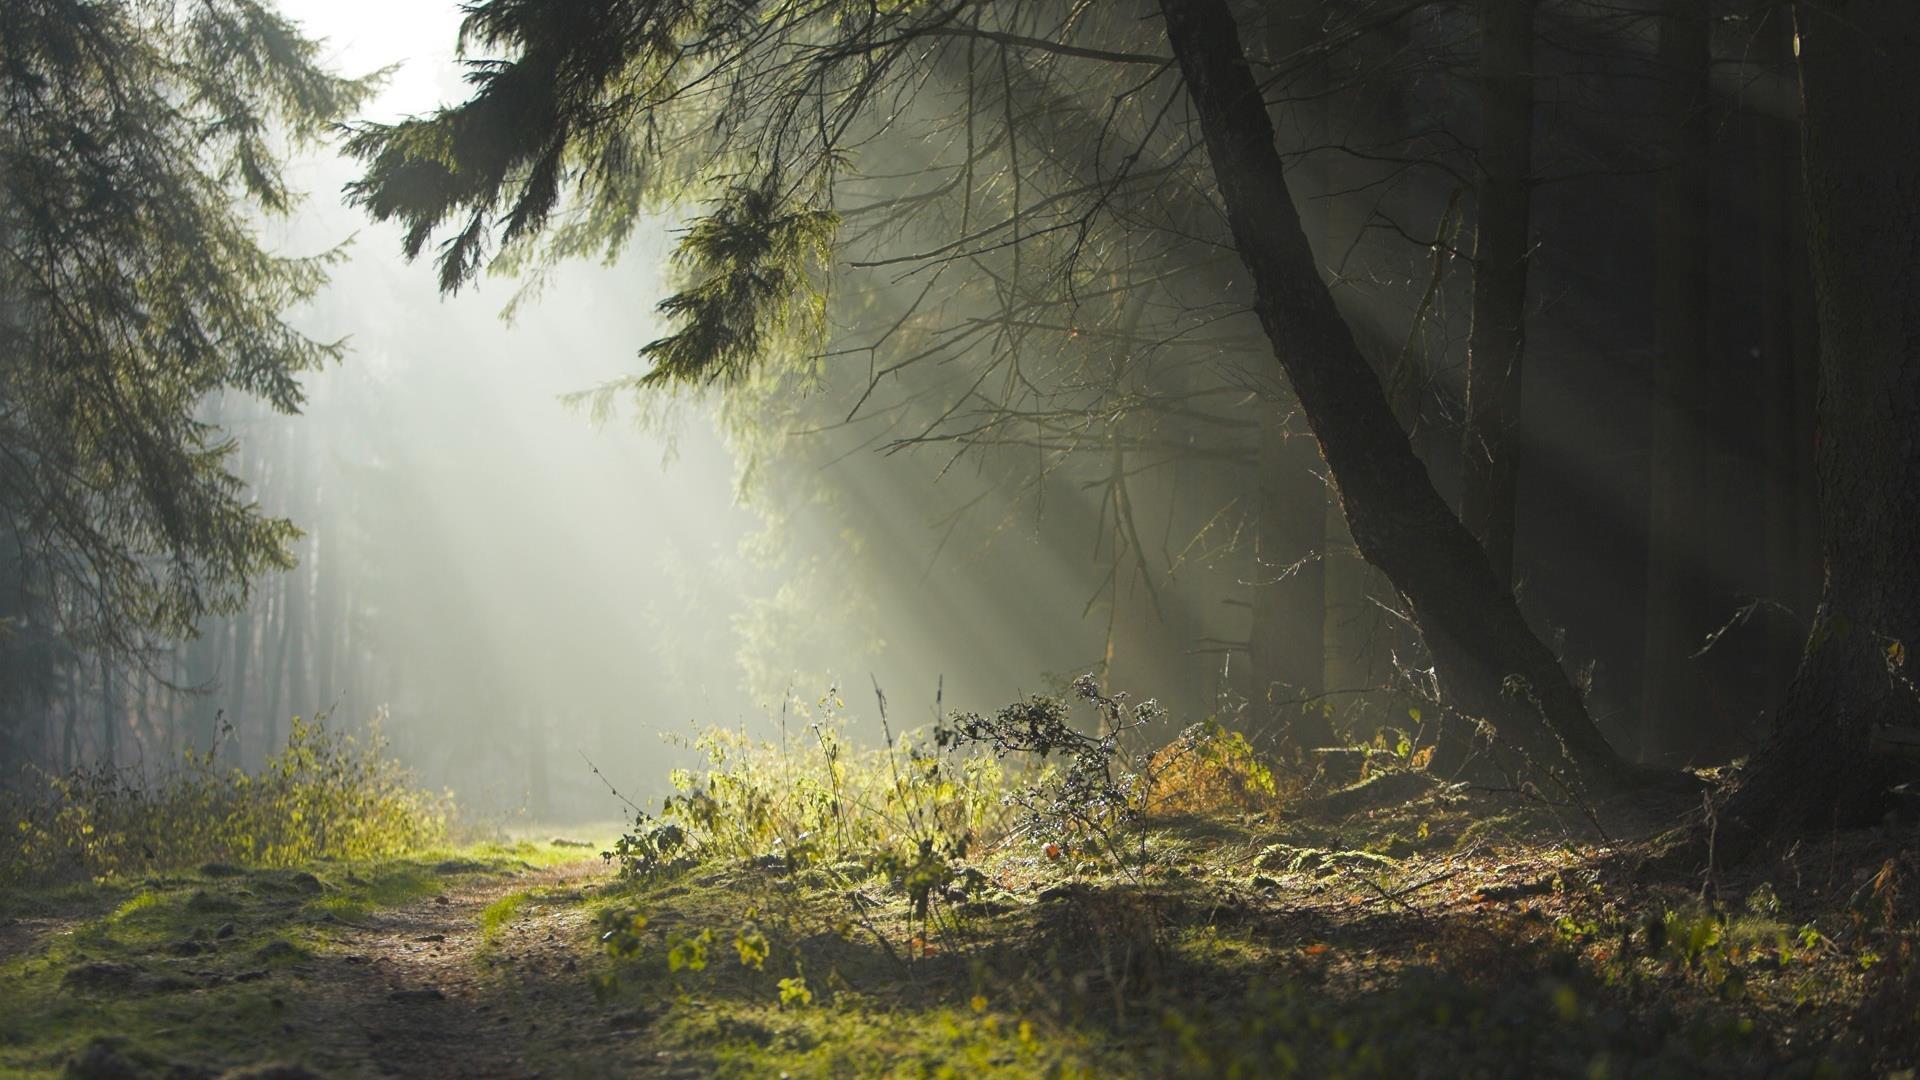 fond-ecran-widescreen-arbres-foret-2